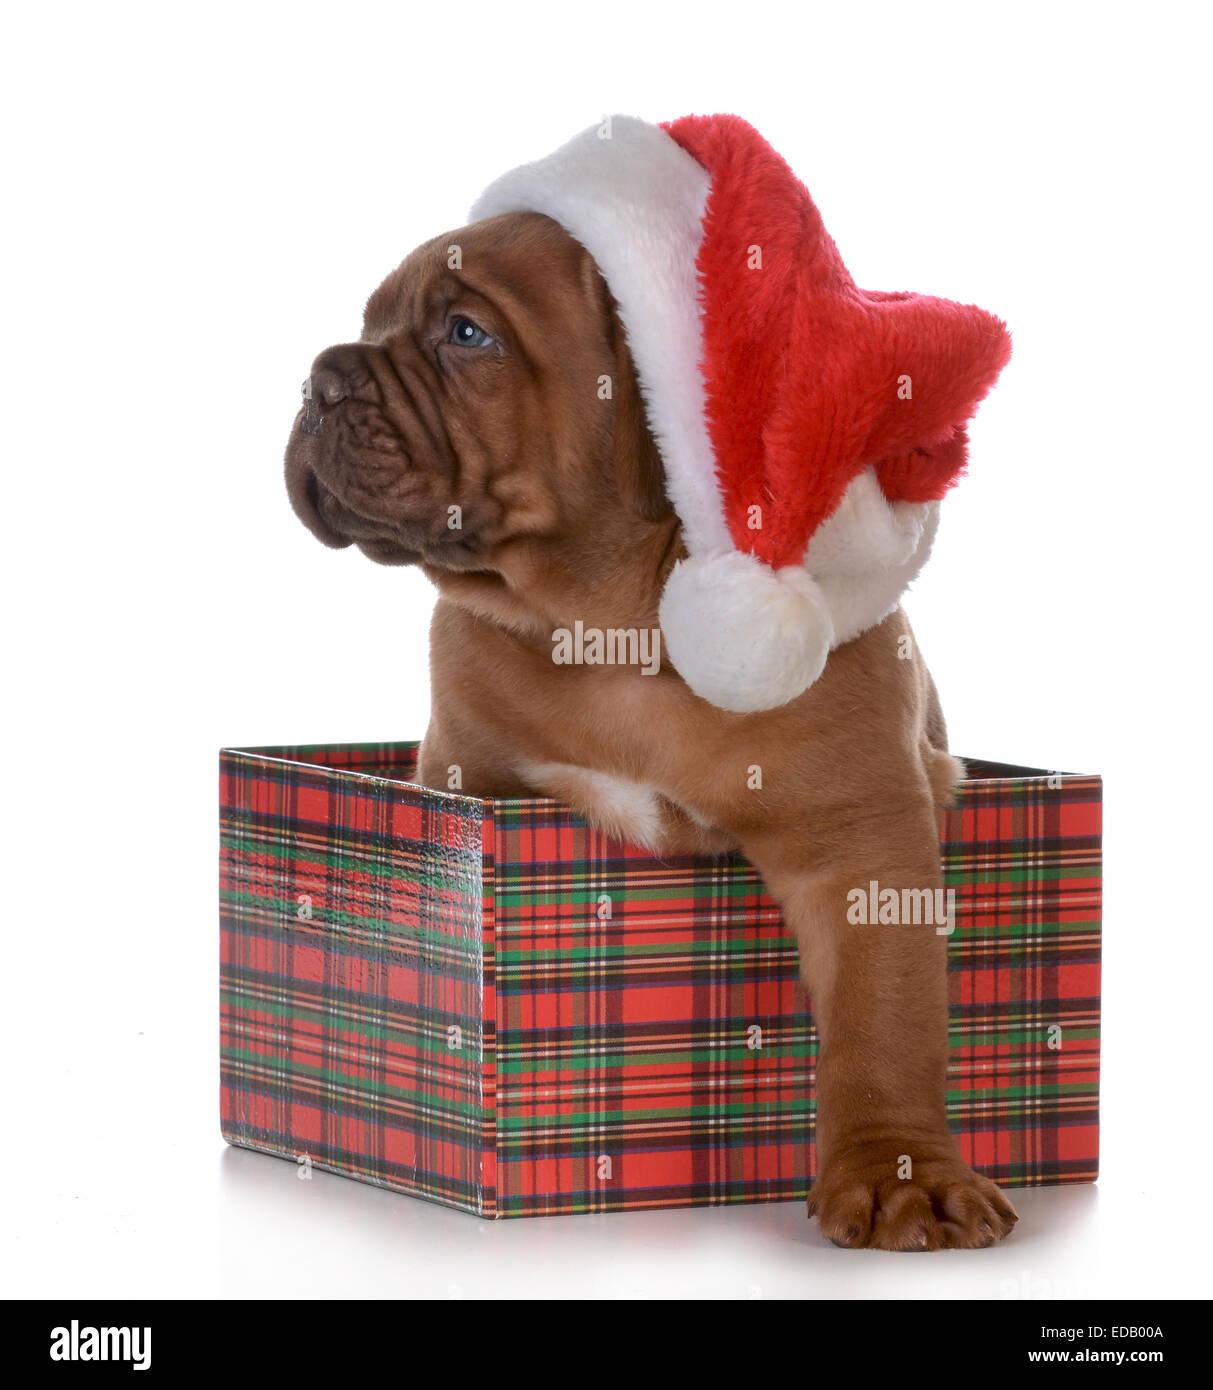 Weihnachten Welpen - Dogge de Bordeaux als Weihnachtsgeschenk auf ...